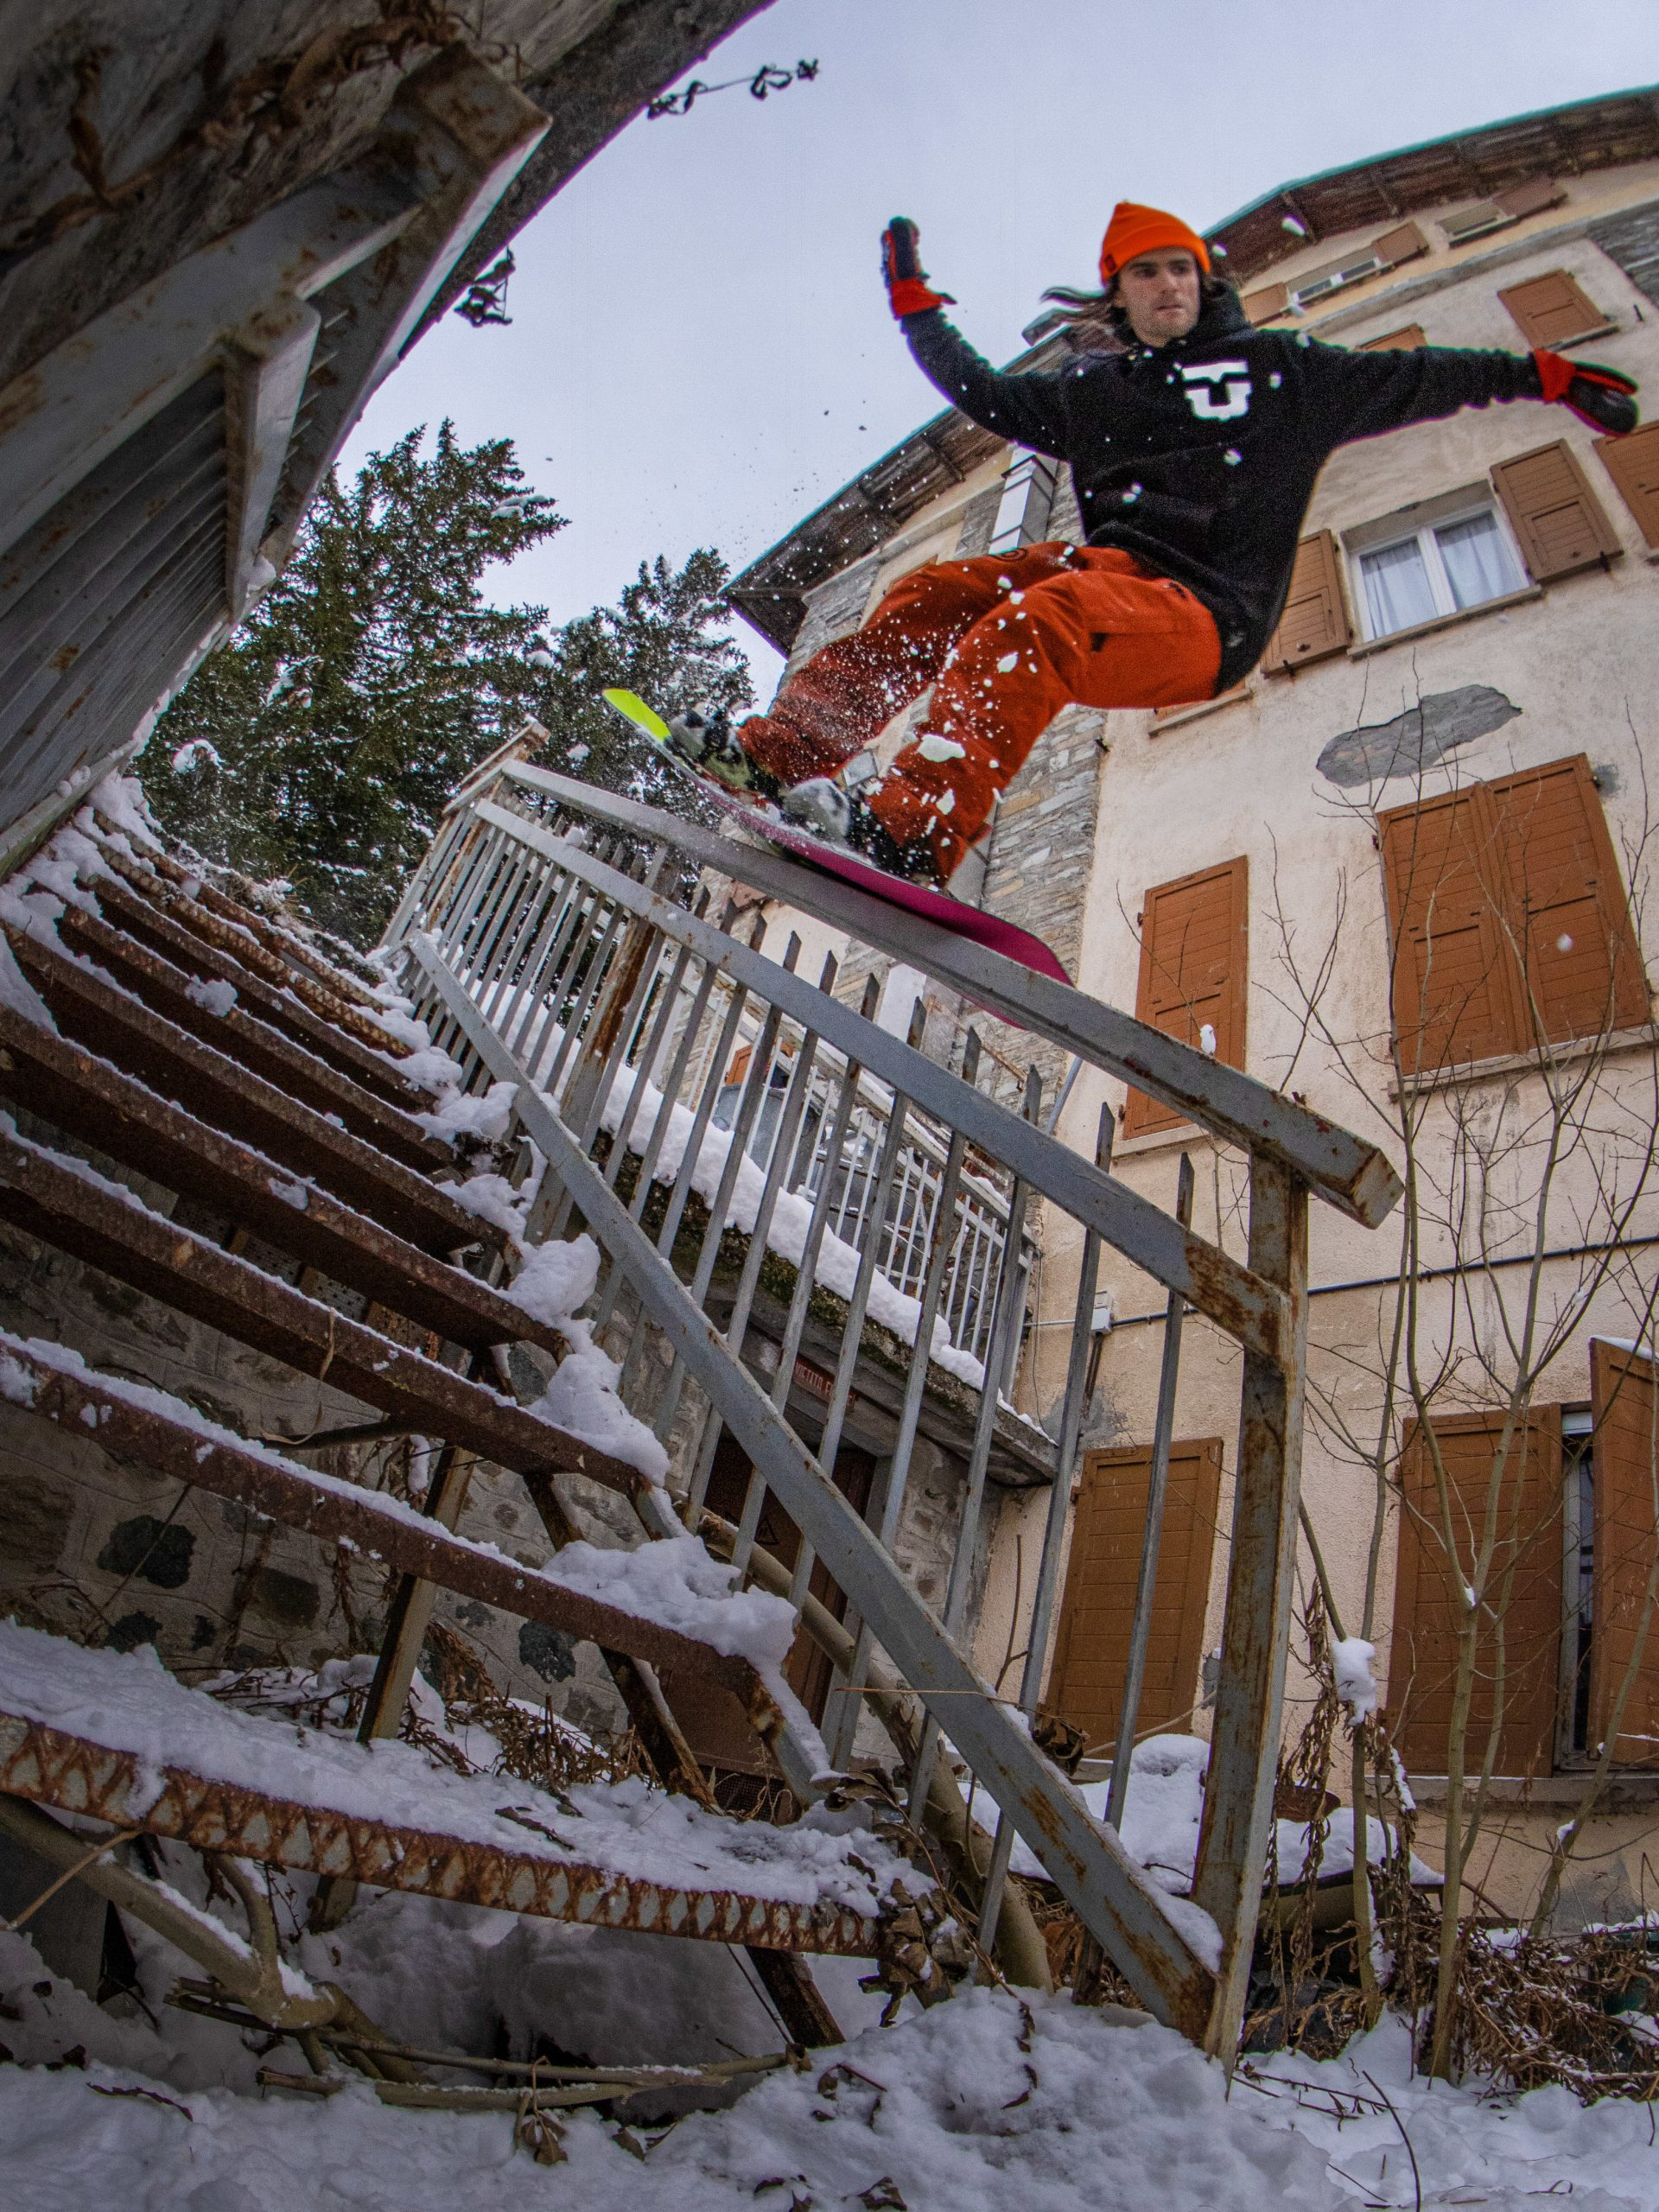 Gian Maro Maiocco Luca Fiorini intervista thirty two